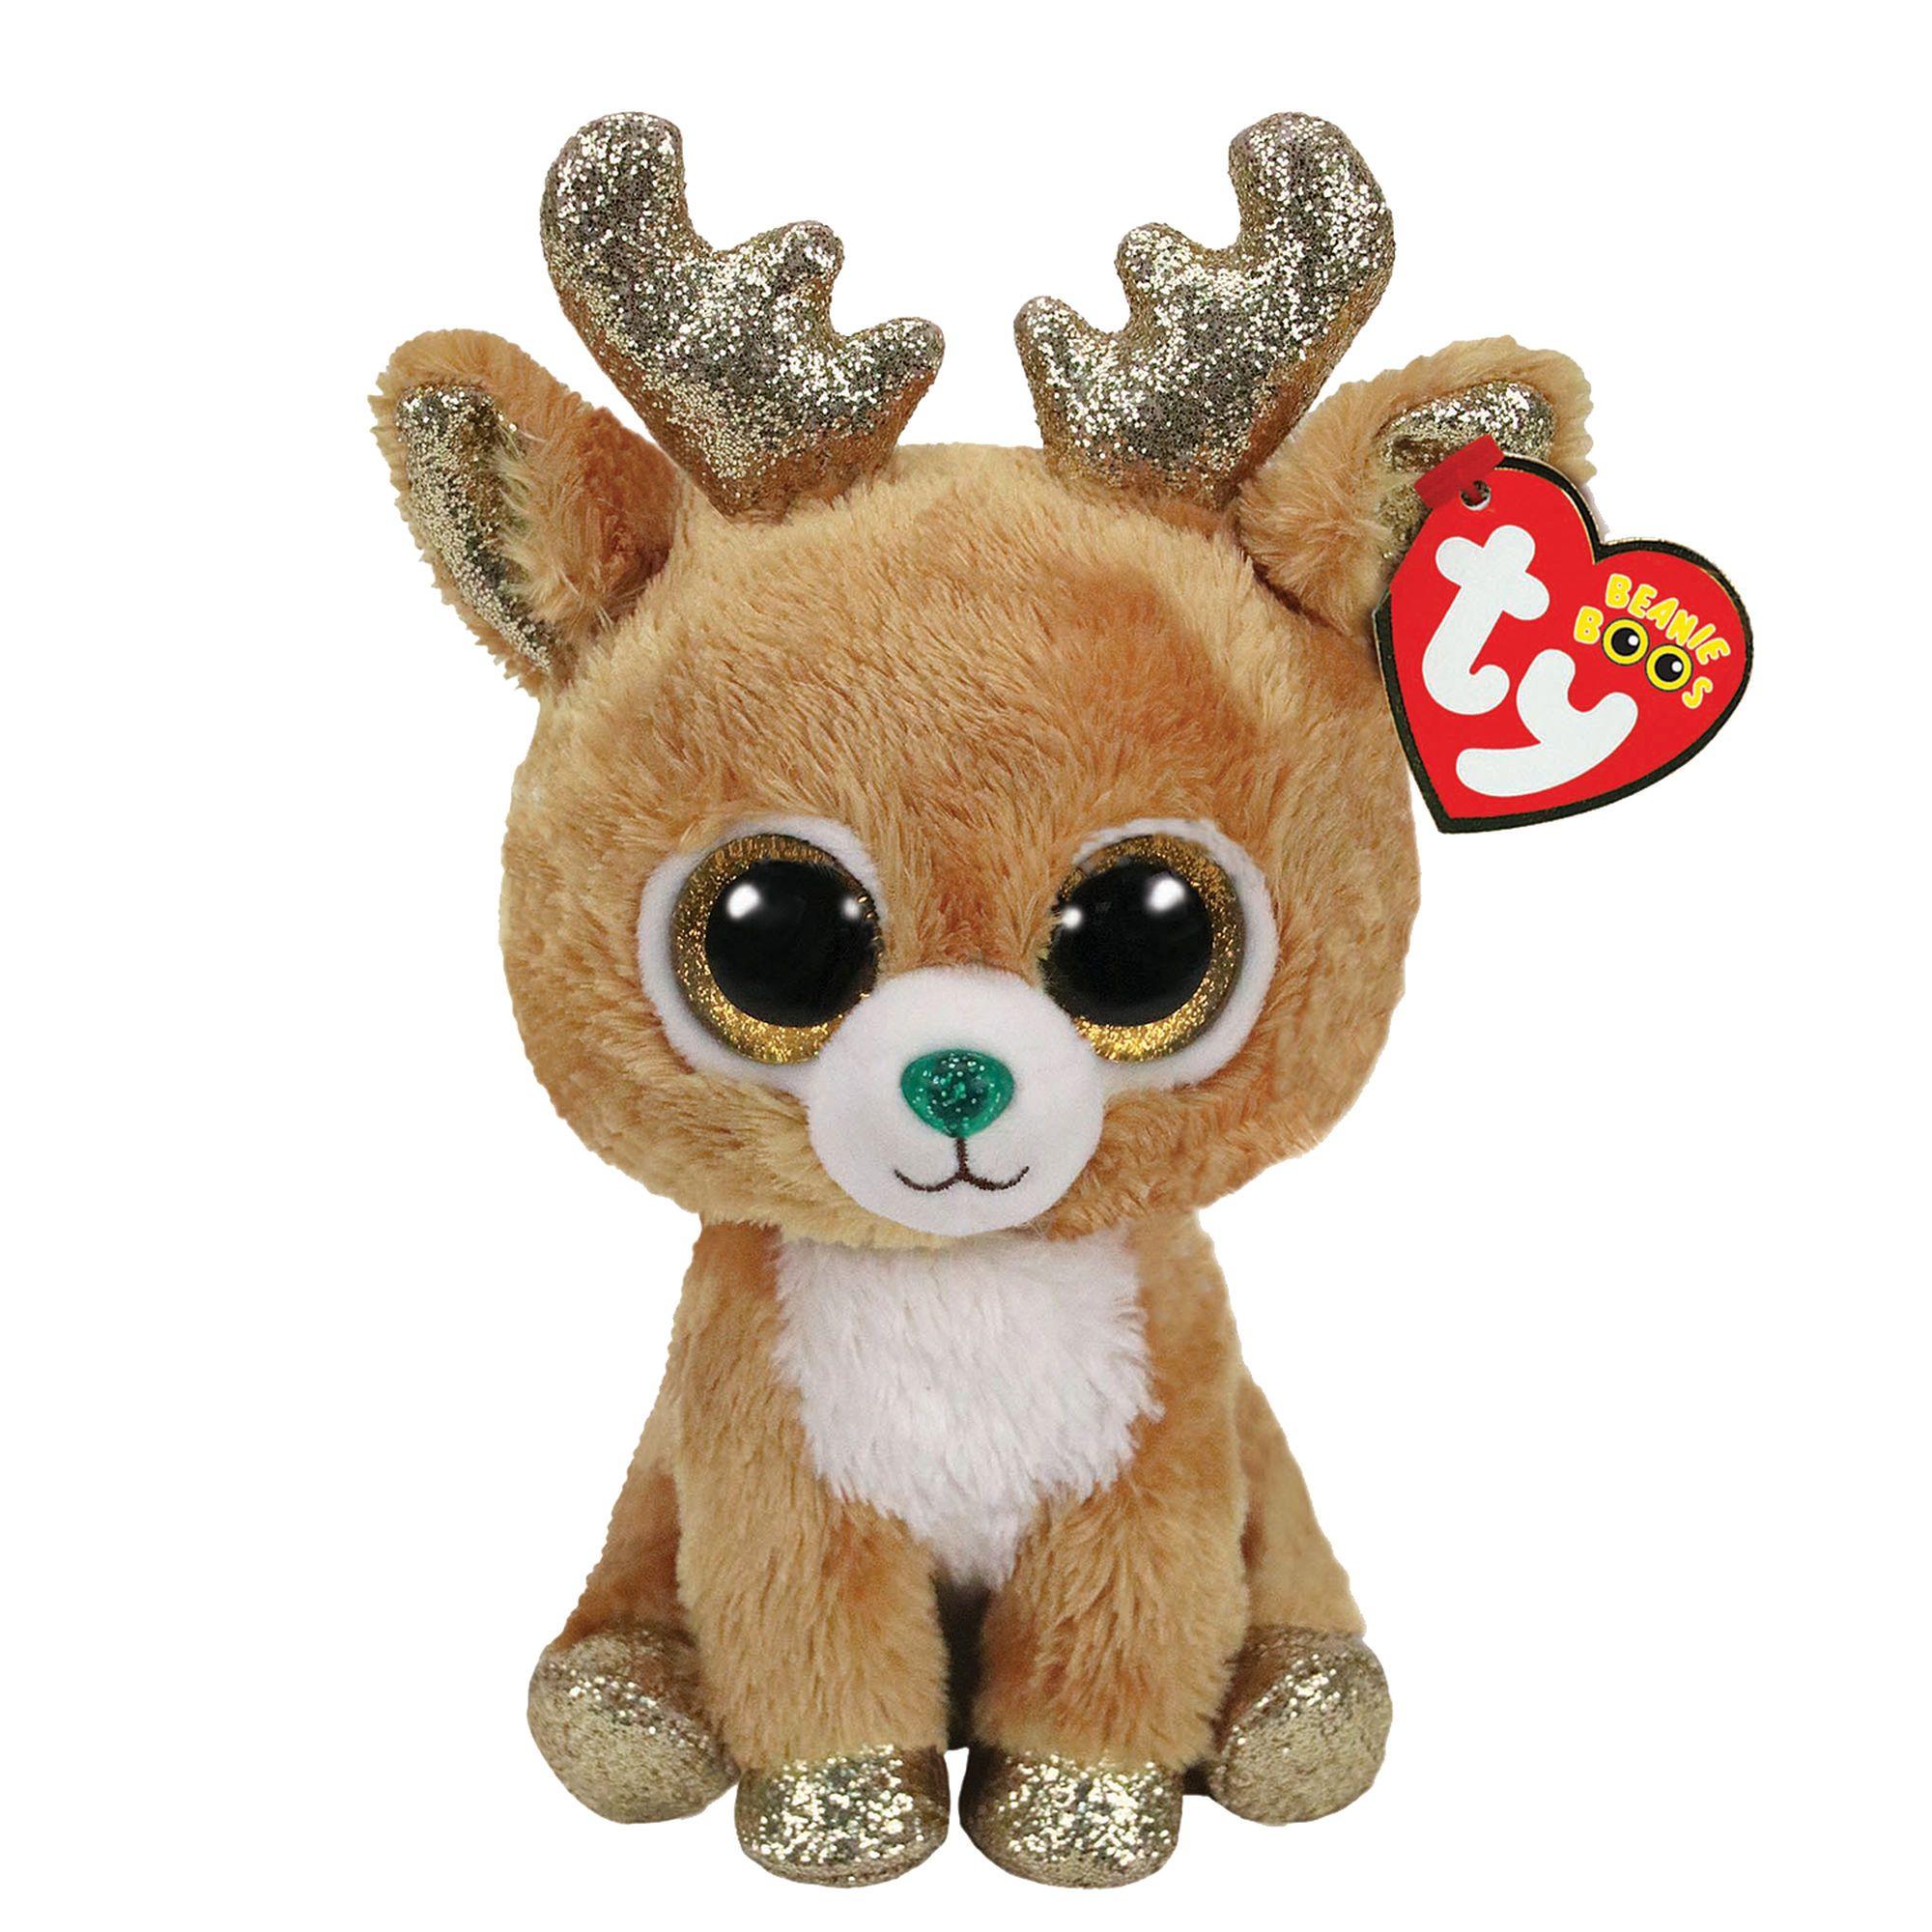 Ty Beanie Boo Medium Glitzy the Reindeer Plush Toy  8c6f08df412c